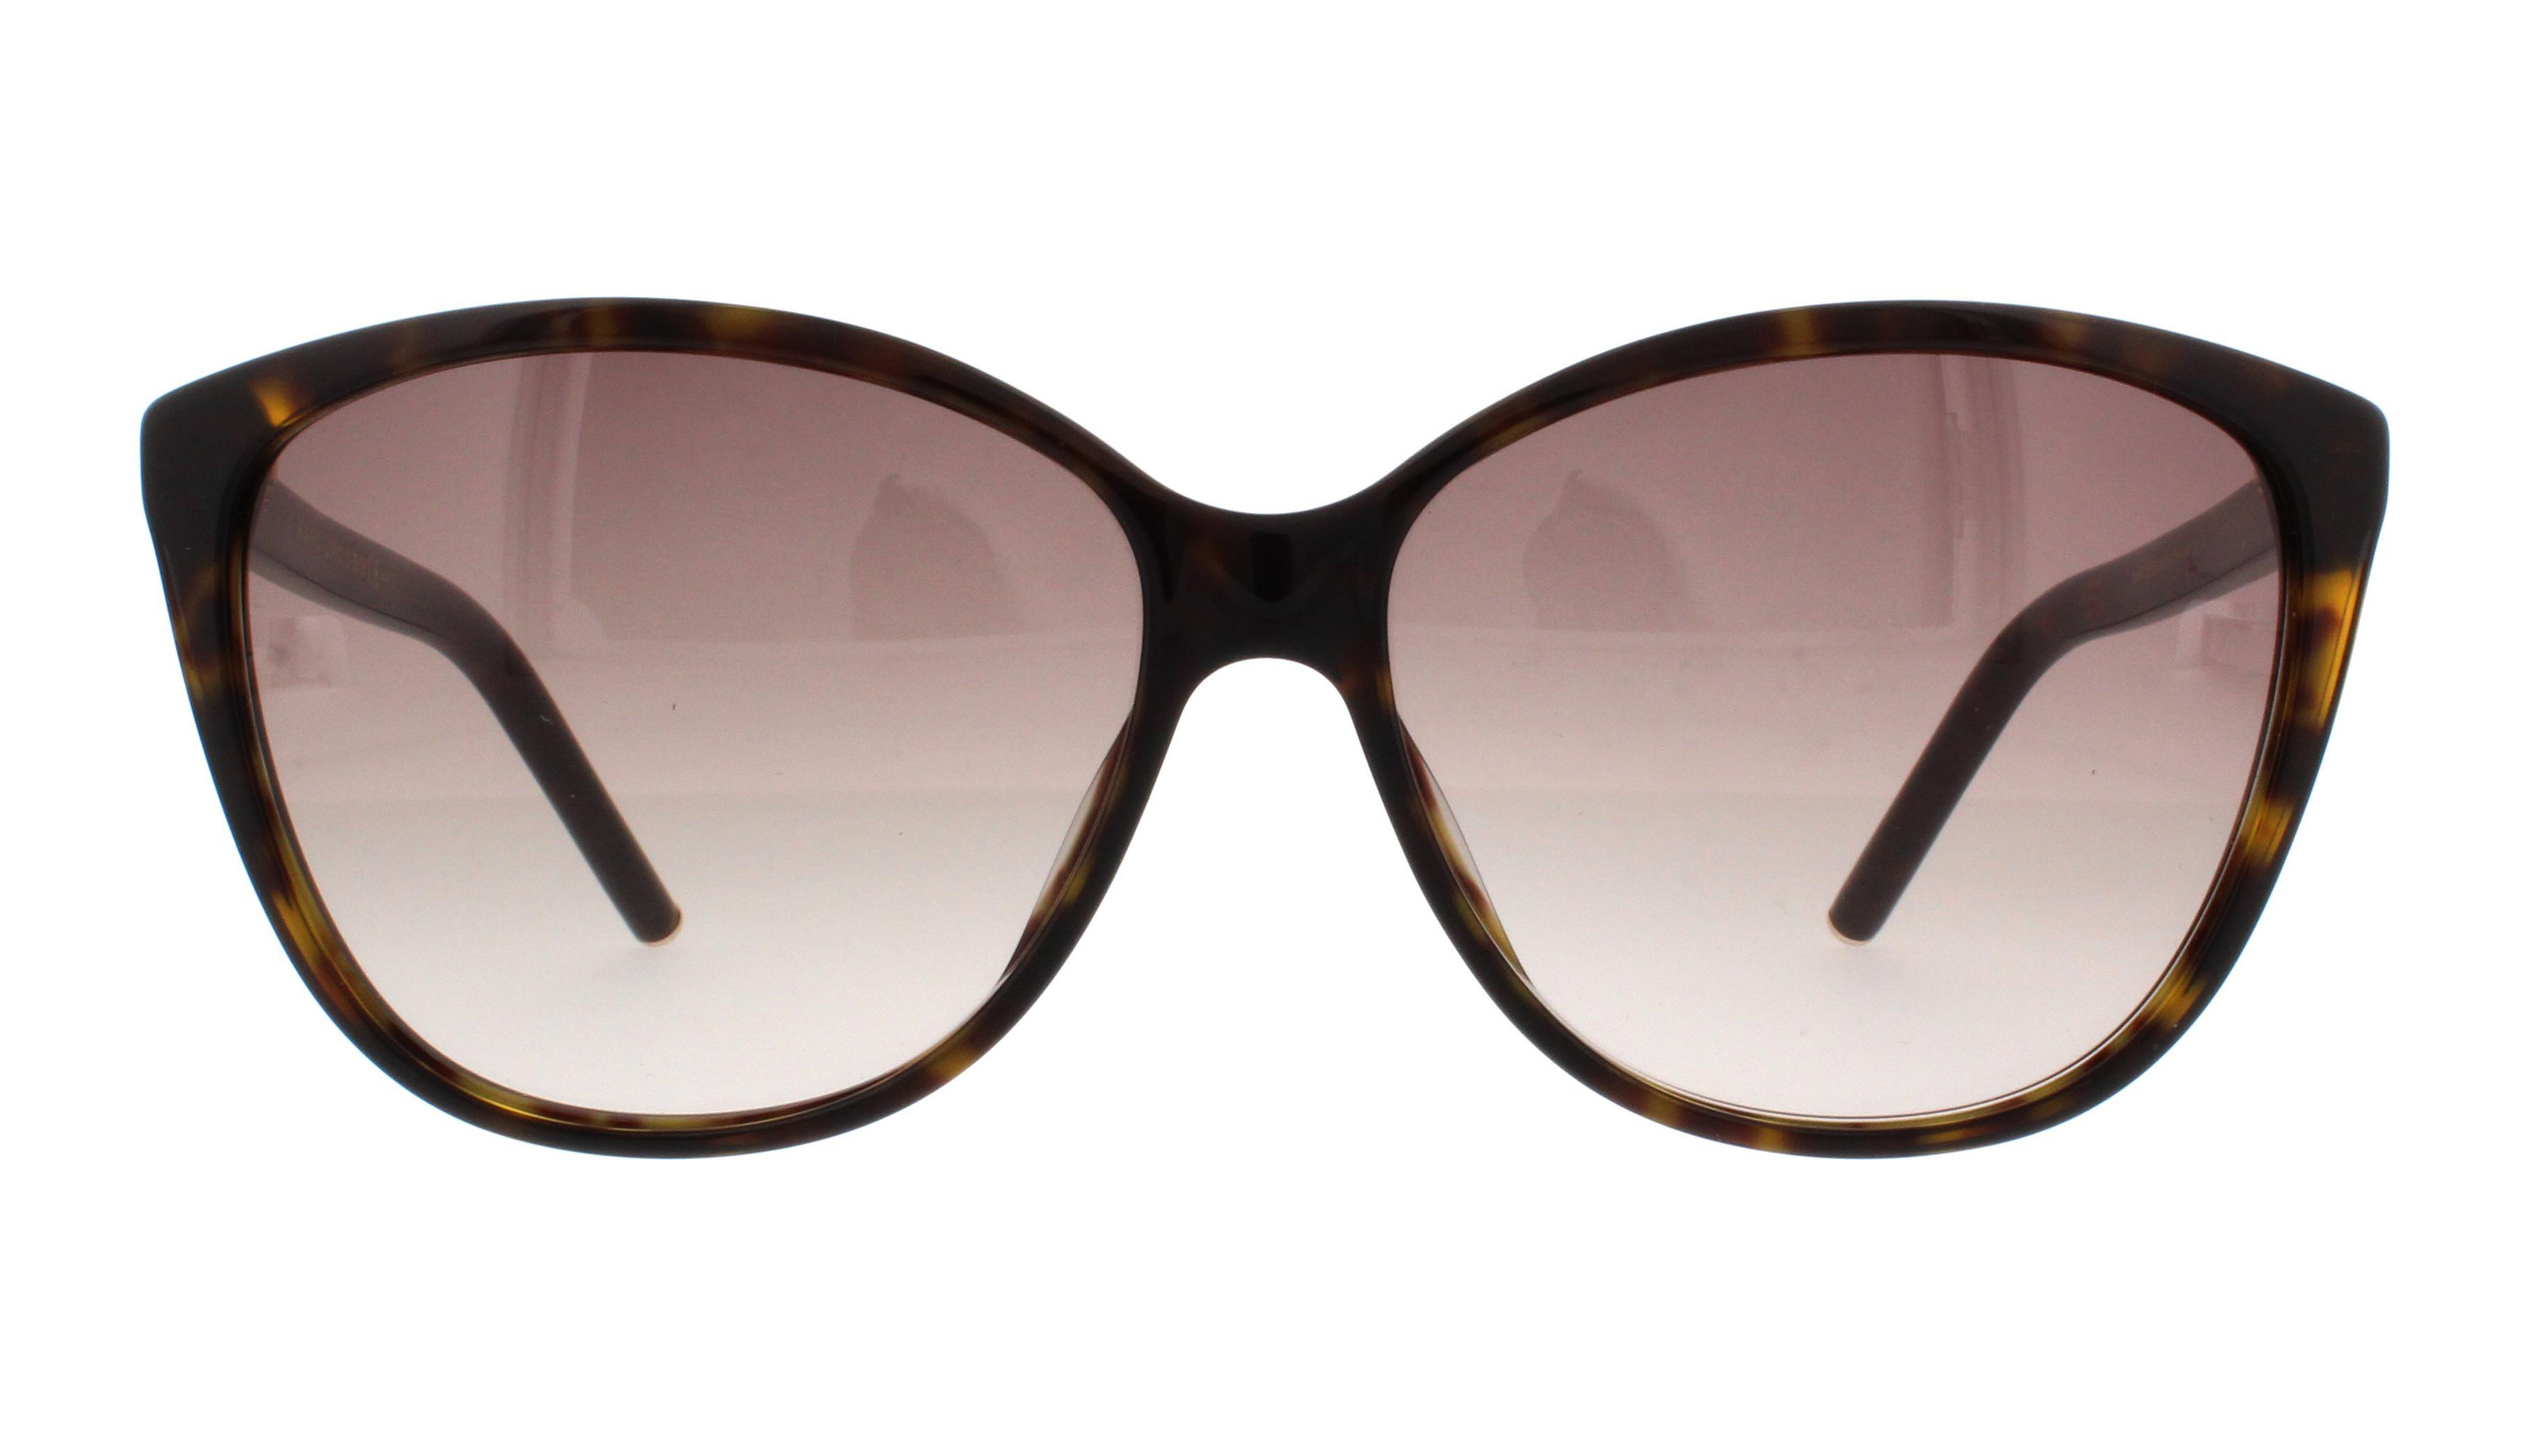 Designer Frames Outlet. Marc Jacobs MARC 69/S